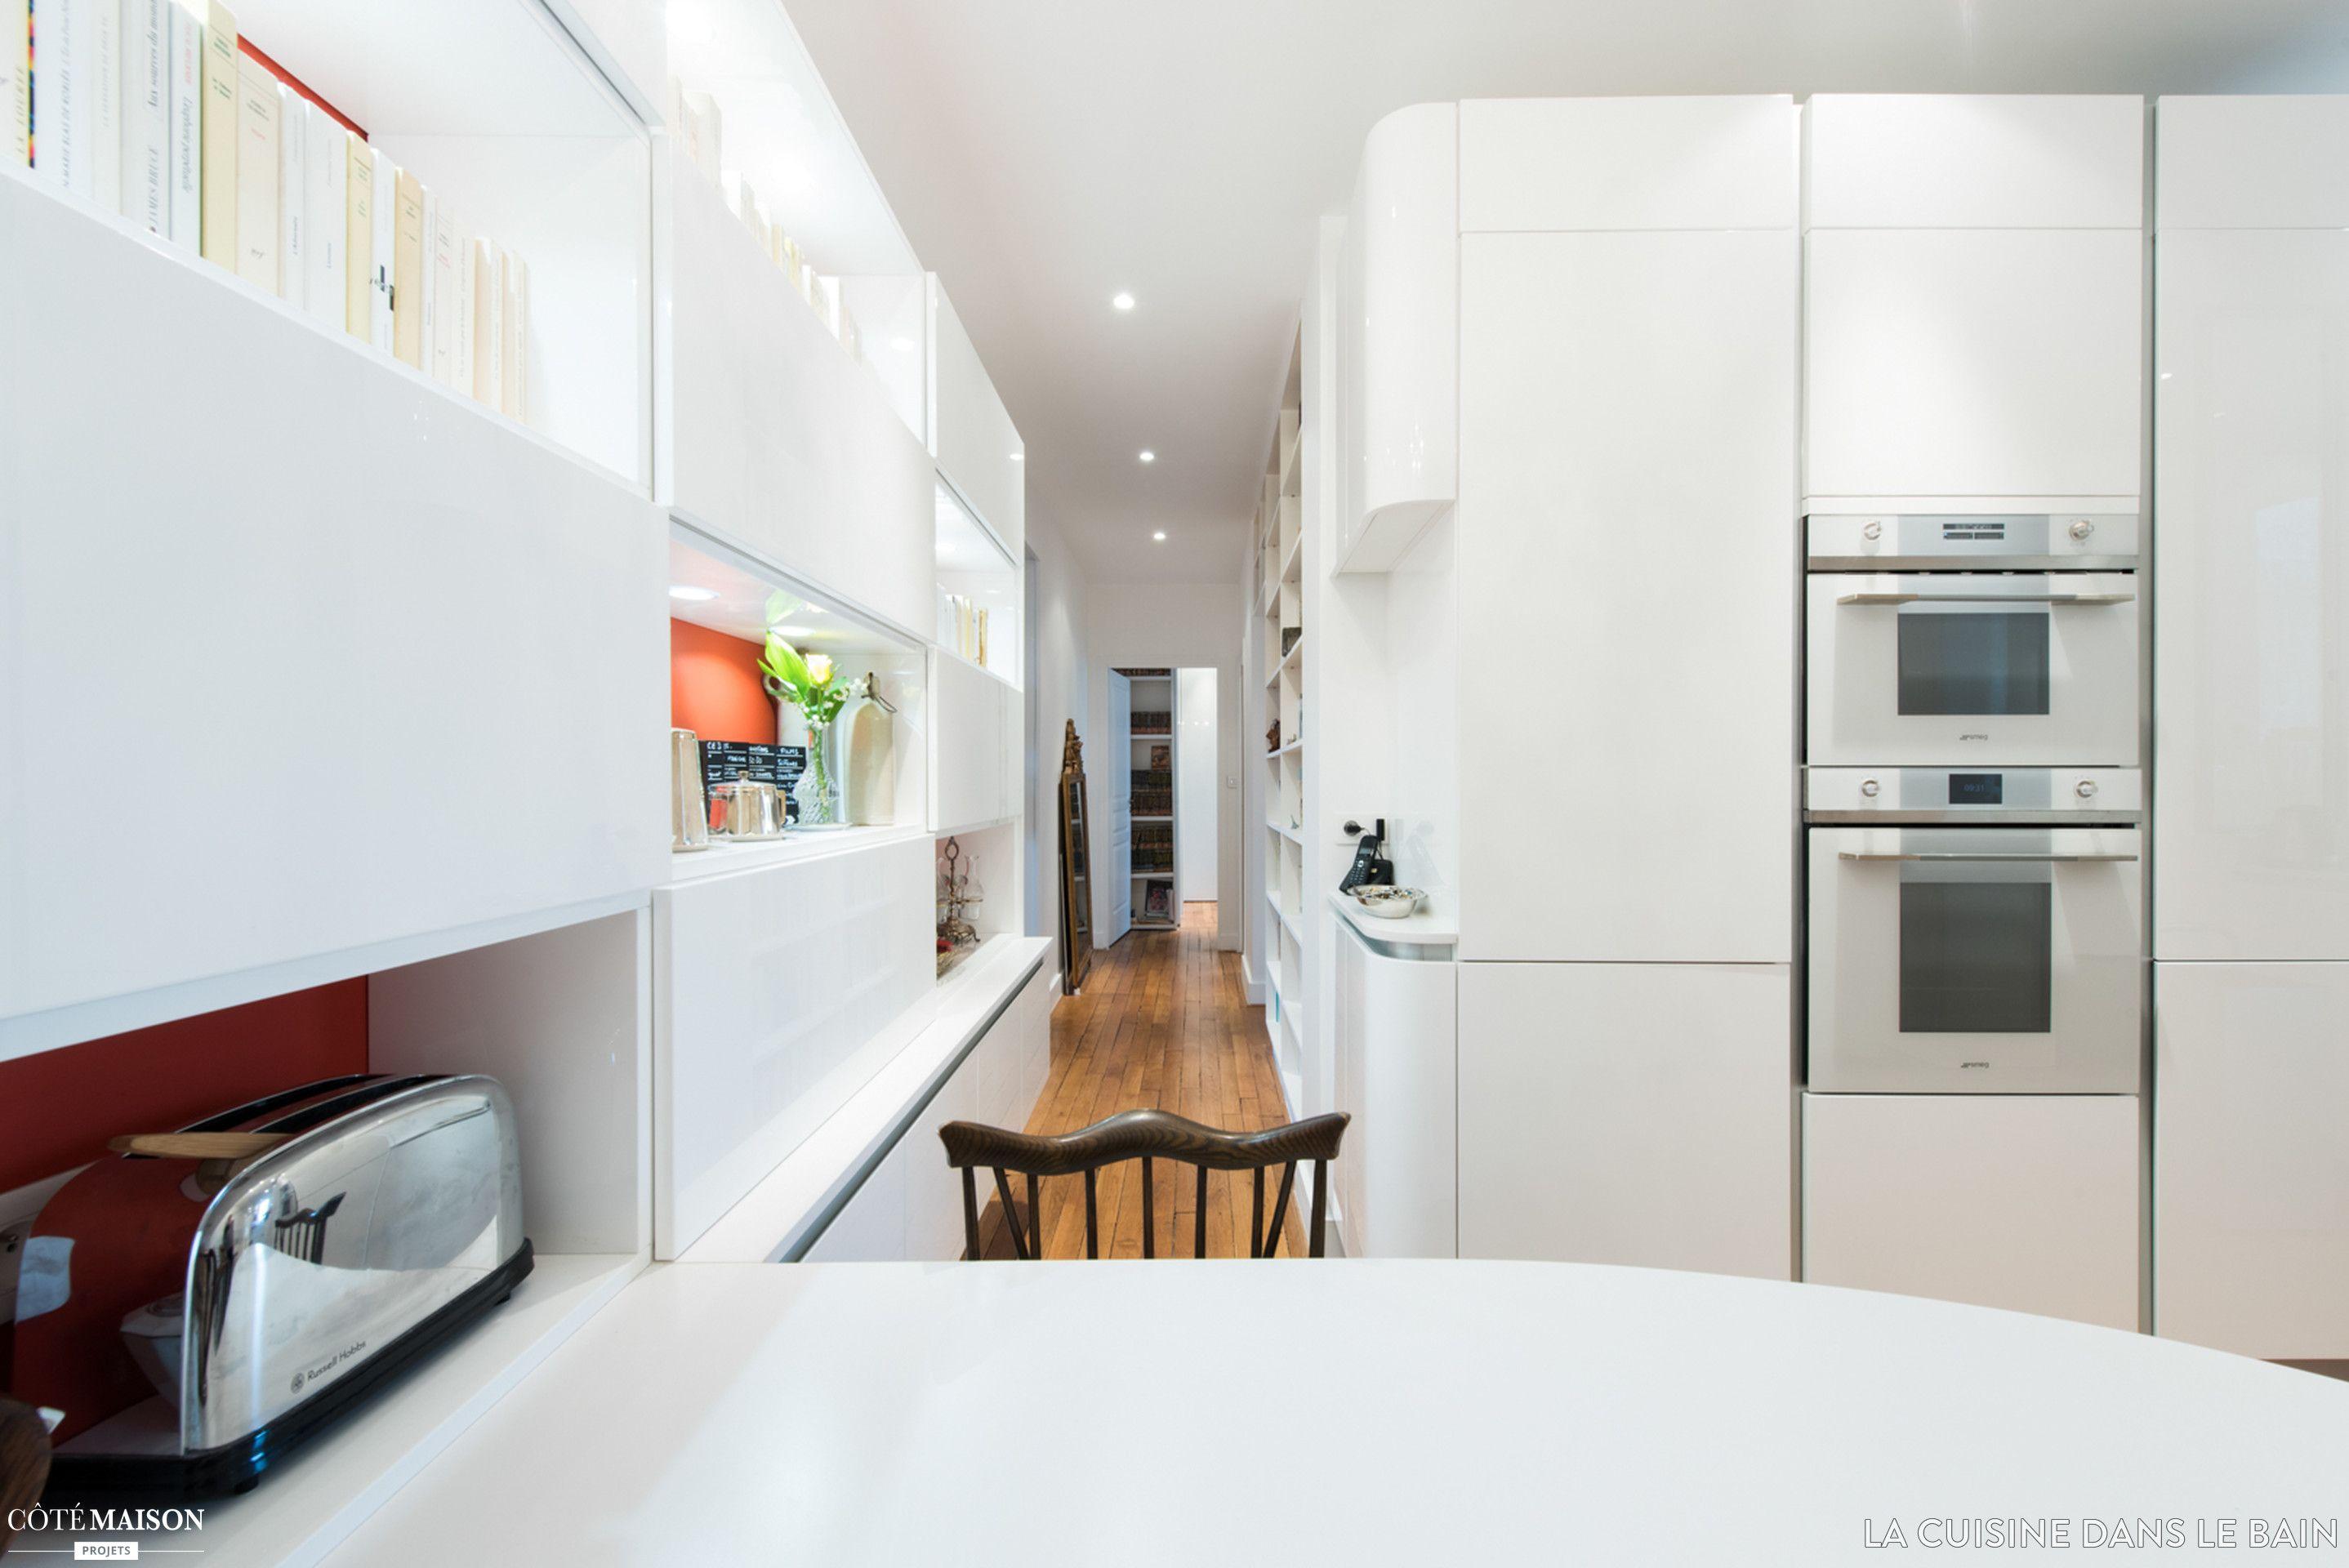 une cuisine ouverte design et sur mesure sk concept la cuisine dans le bain architecte